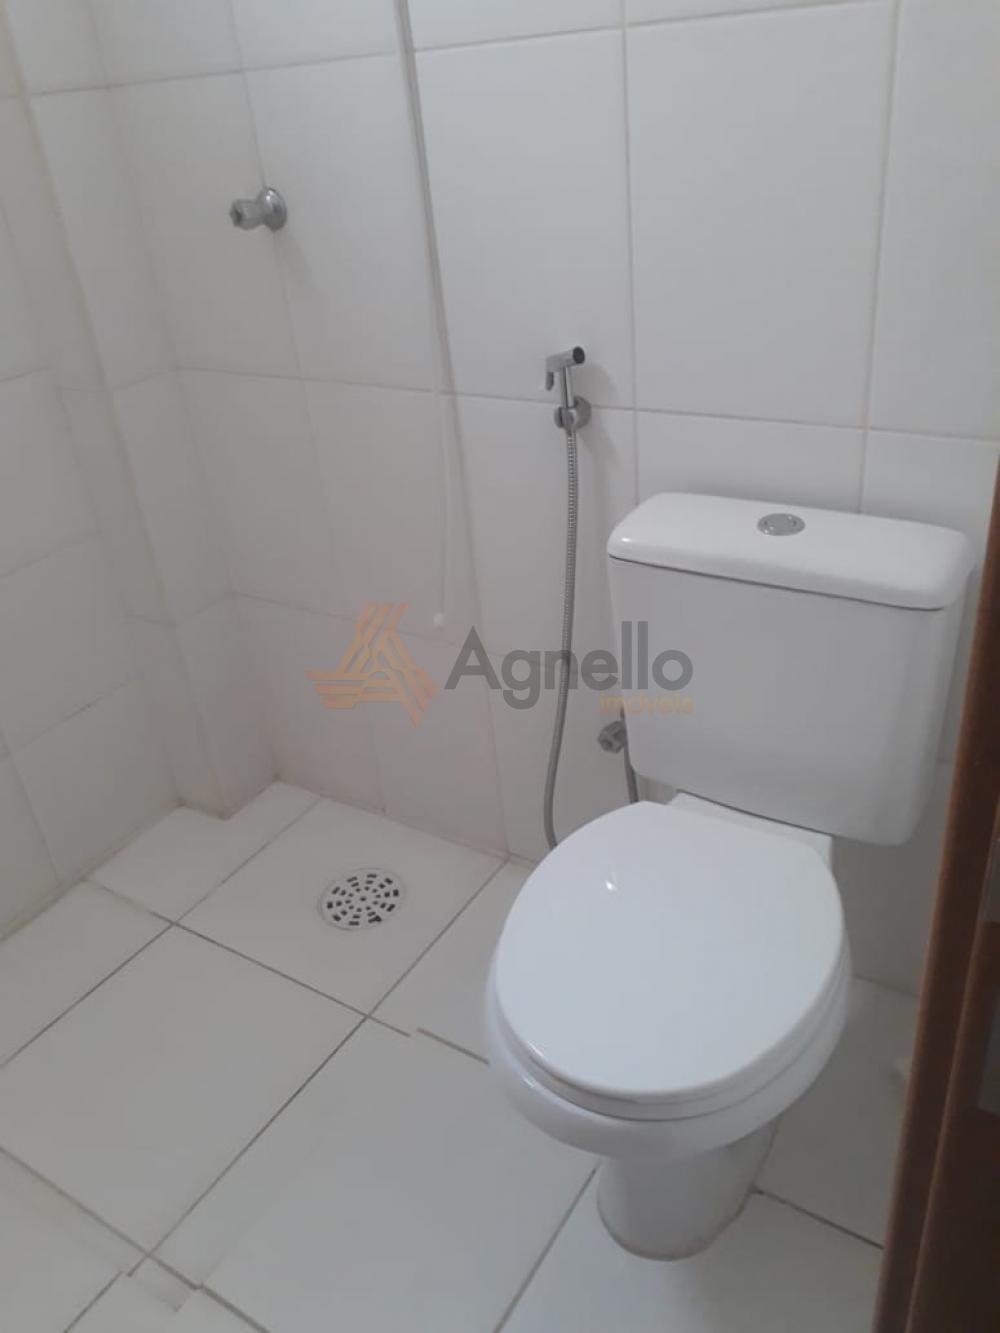 Comprar Apartamento / Padrão em Franca R$ 170.000,00 - Foto 12